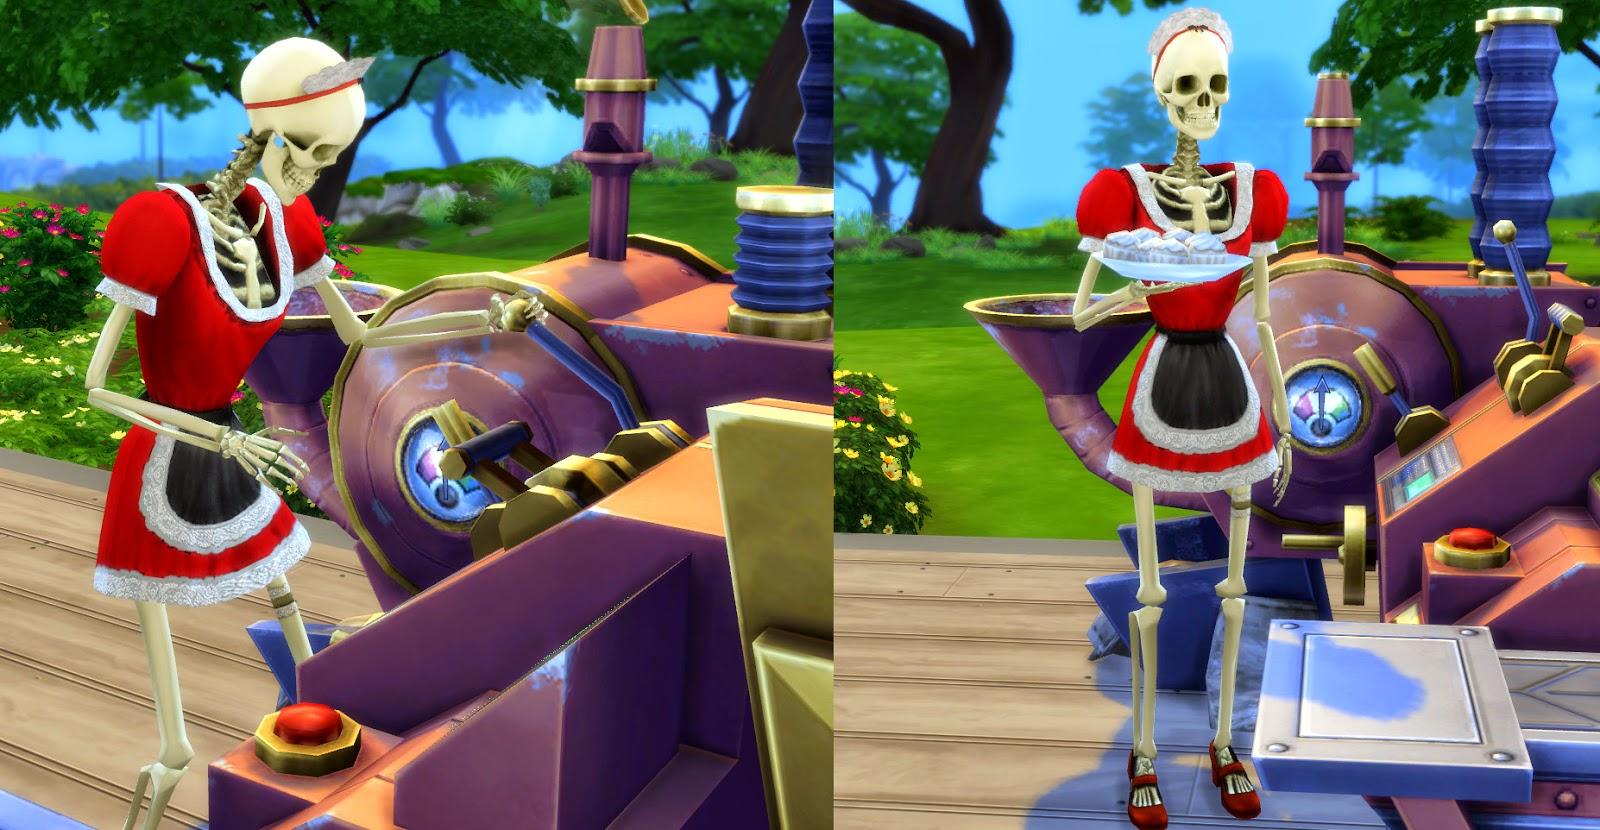 My Sims 4 Blog: Bonehilda from The Sims 3 by Esmeralda